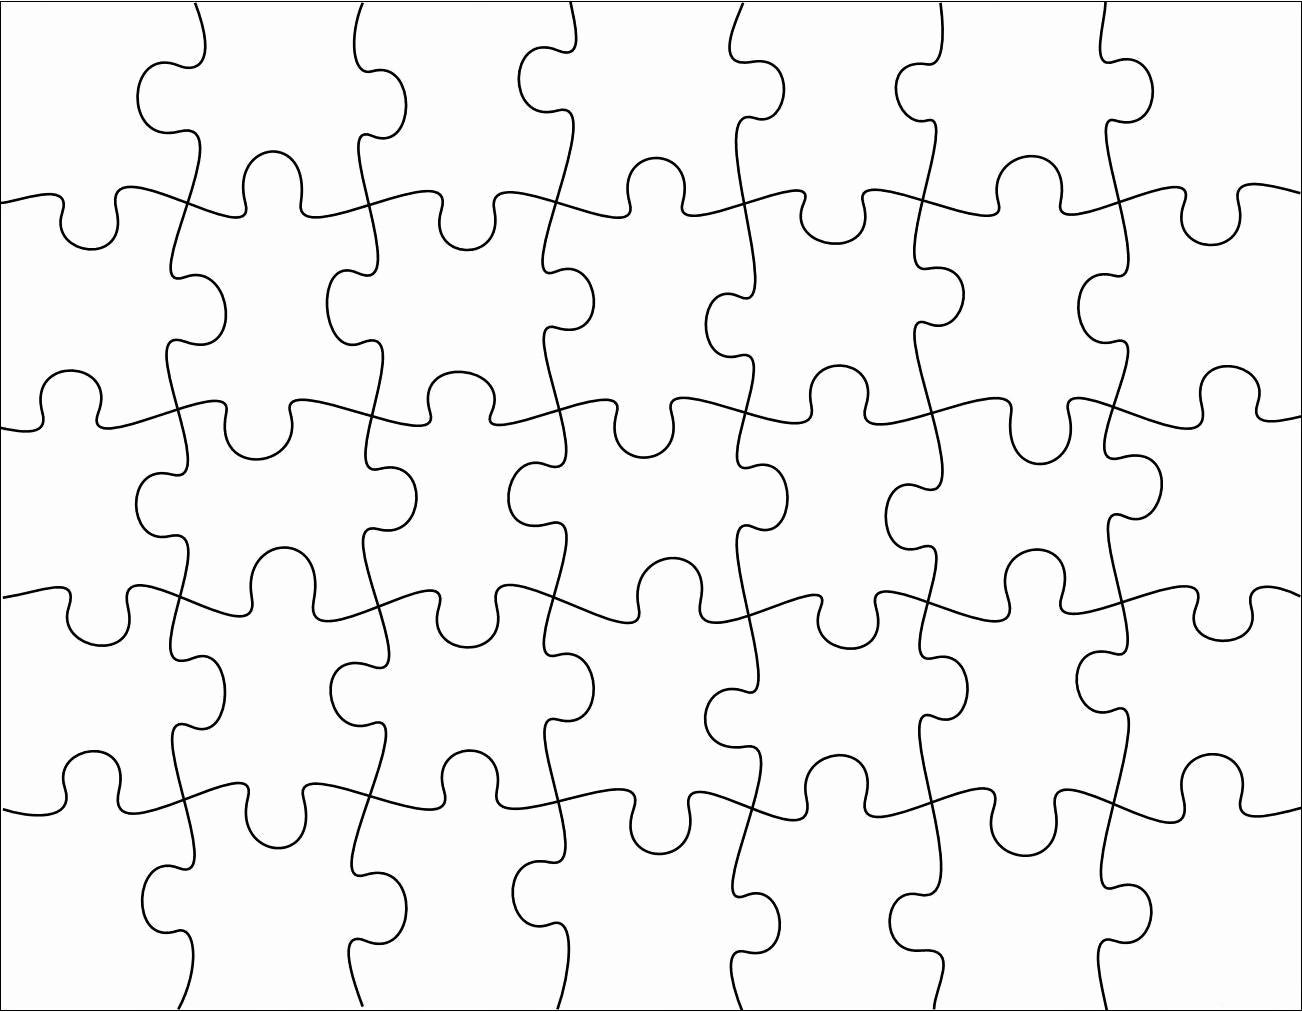 Puzzle Pieces Template for Word Lovely Les Puzzle Bébé Muslim L islam Pour Les Enfants Musulmans